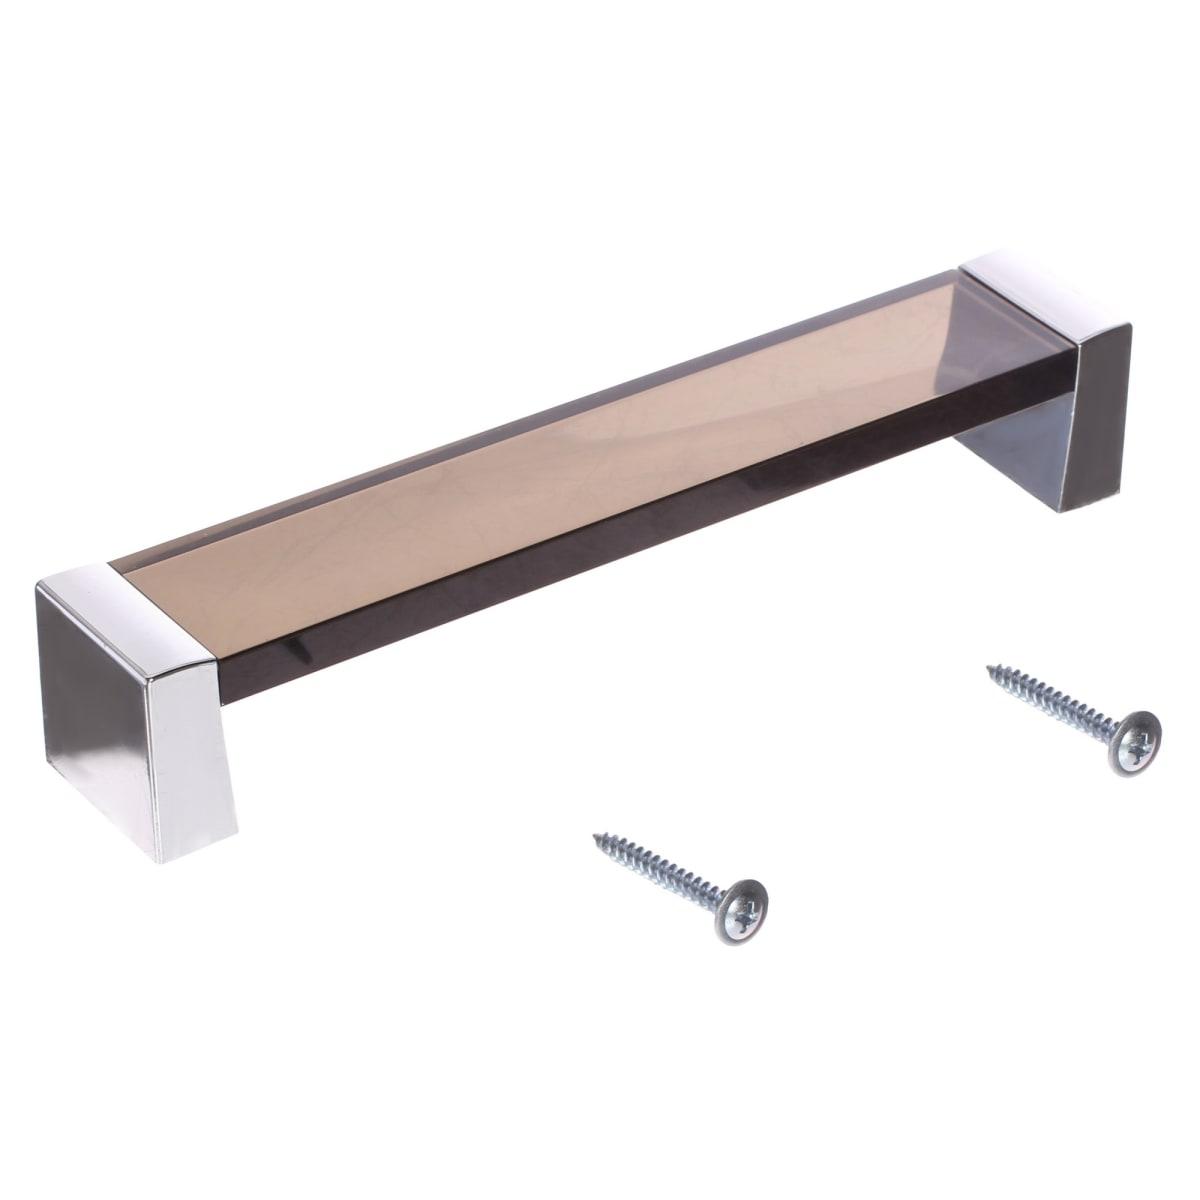 Ручка-скоба 83, цвет коричневый/серебро